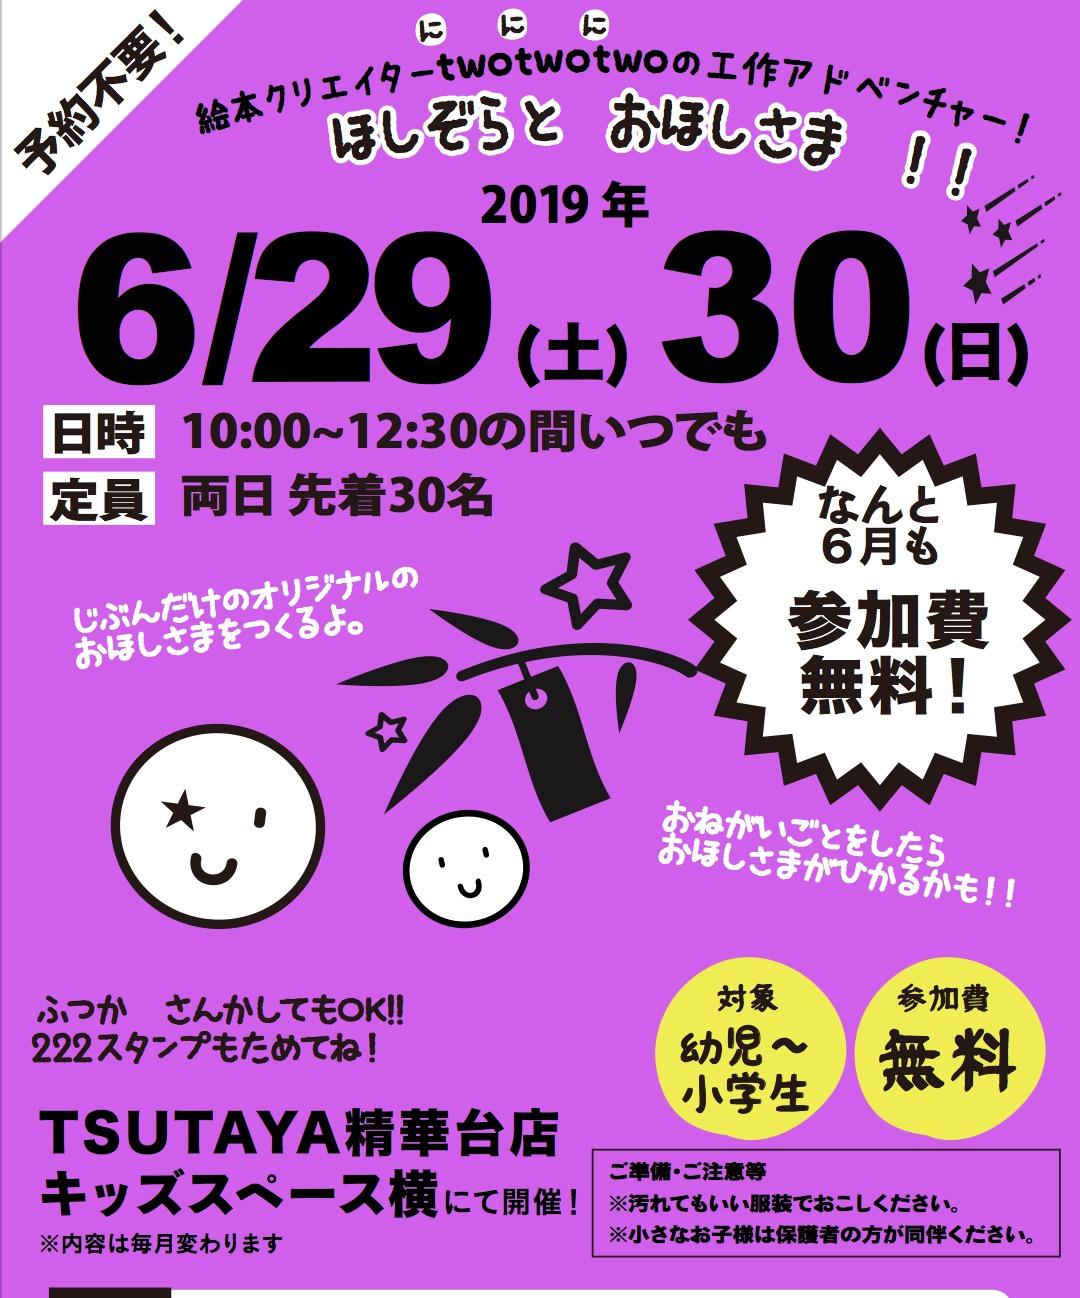 2019年、イベント、京都府、精華町、6月、参加型イベント、体験、twotwotwo、ほしぞらとおほしさま。